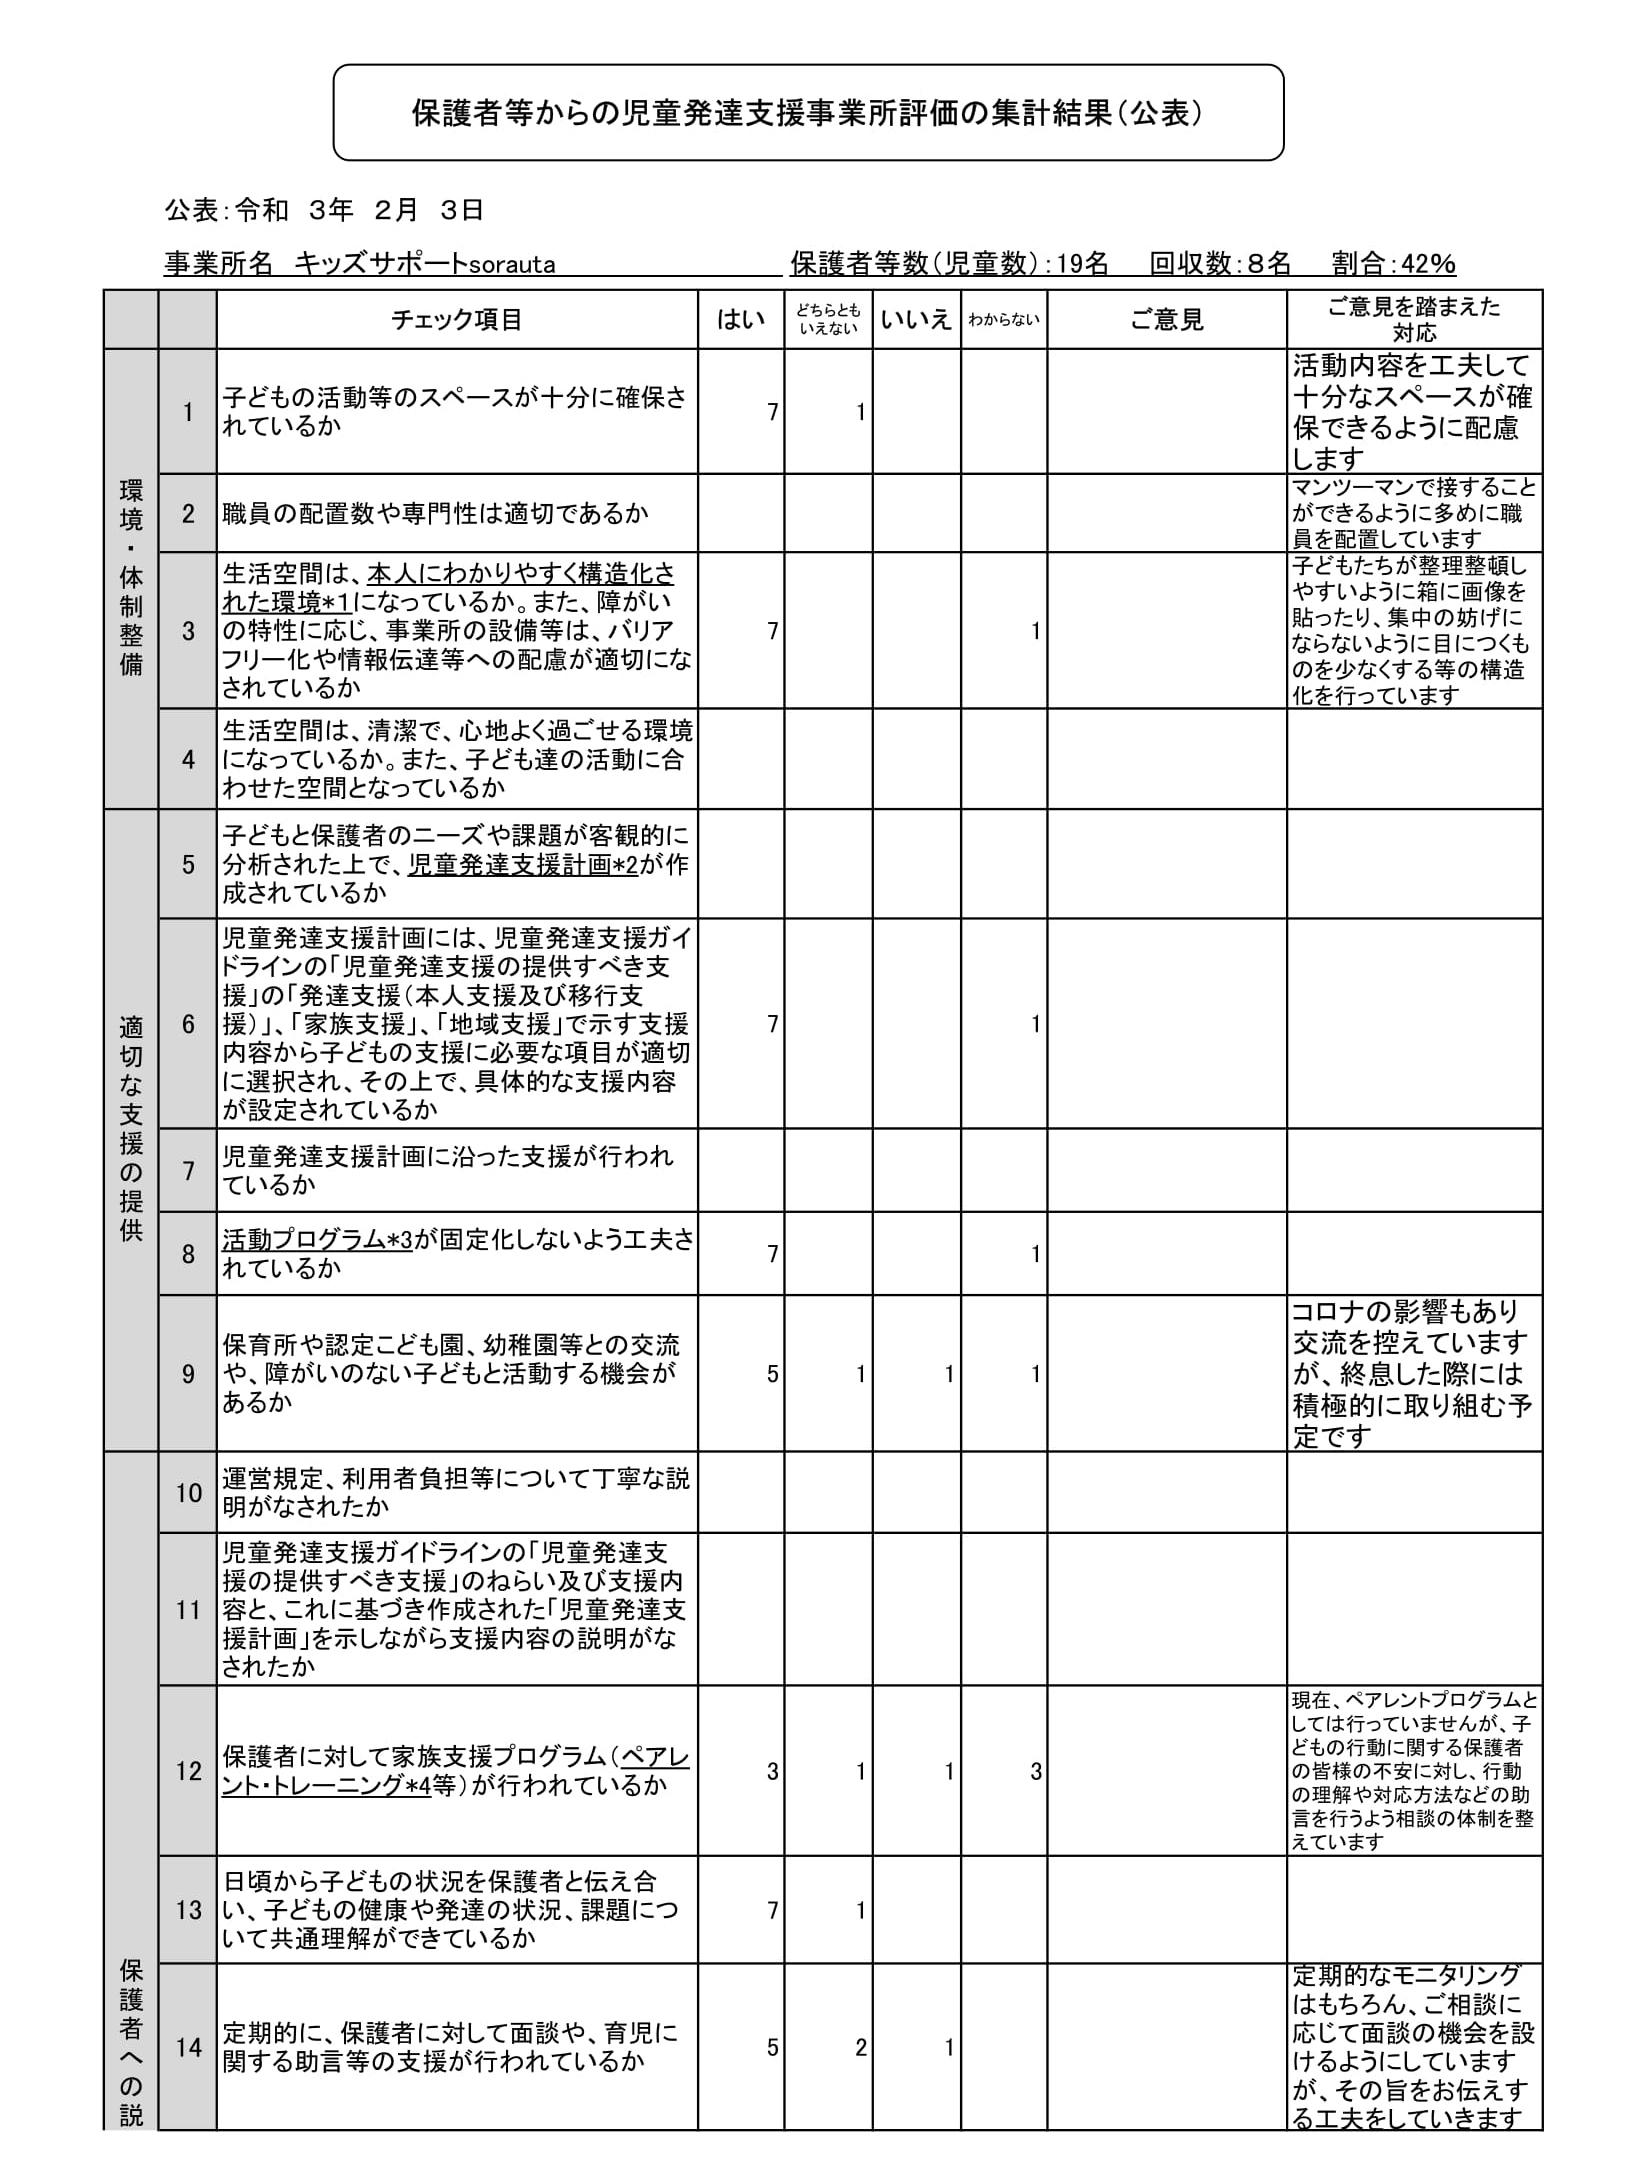 【児童発達支援】保護者等からの事業所評価の集計結果(sorauta)